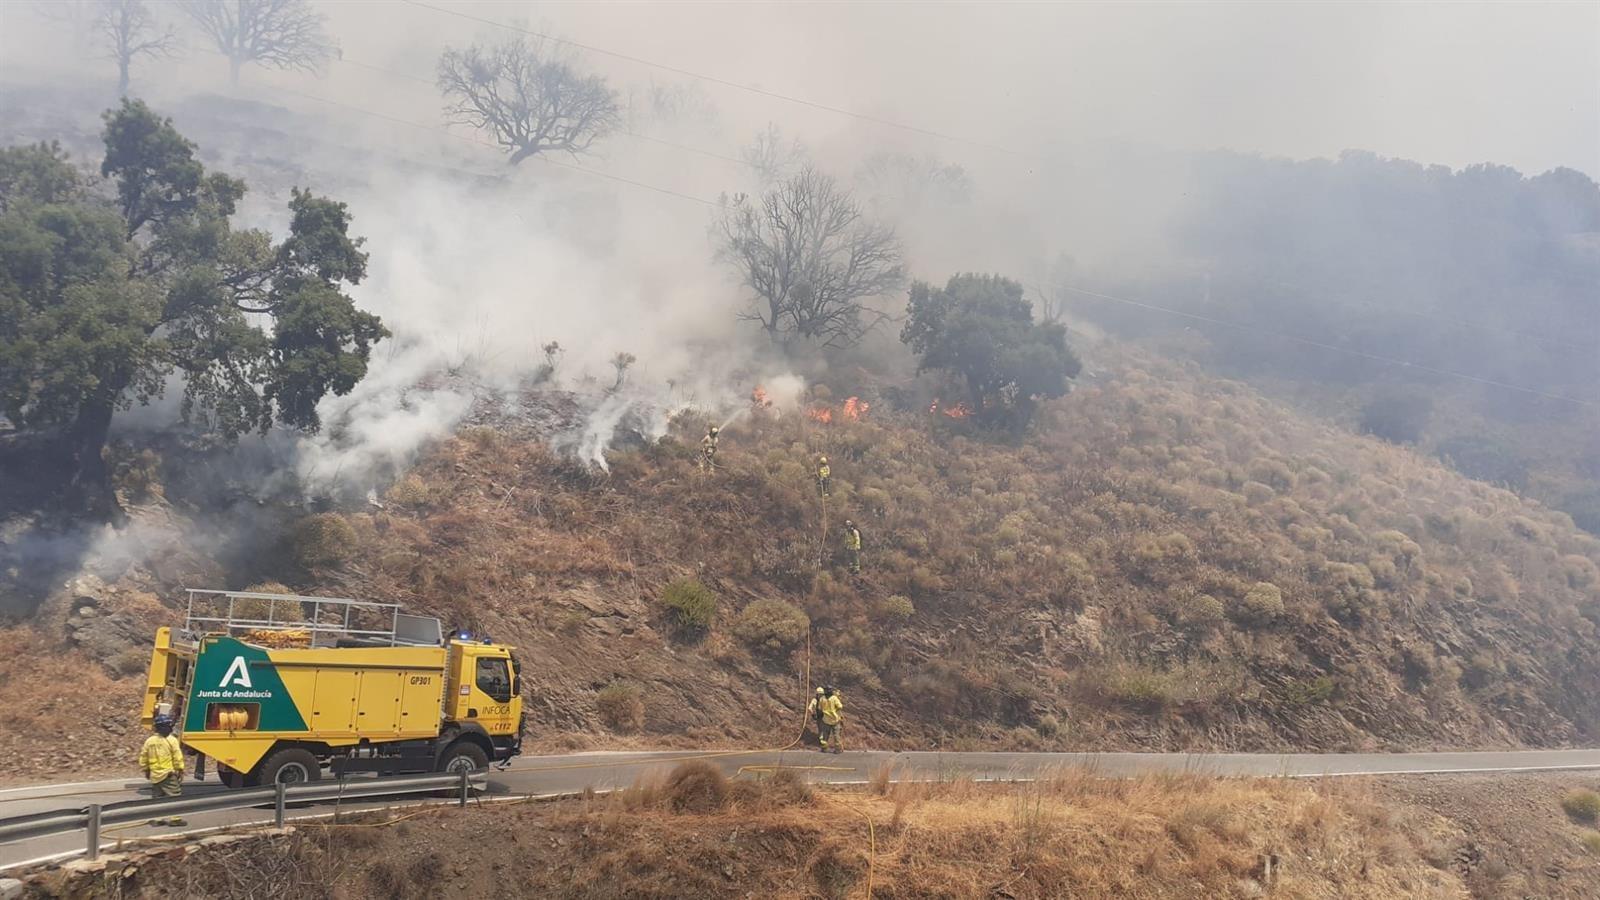 Un incendio en el término de Polopos obliga a cortar 2 carreteras y moviliza más de 100 efectivos